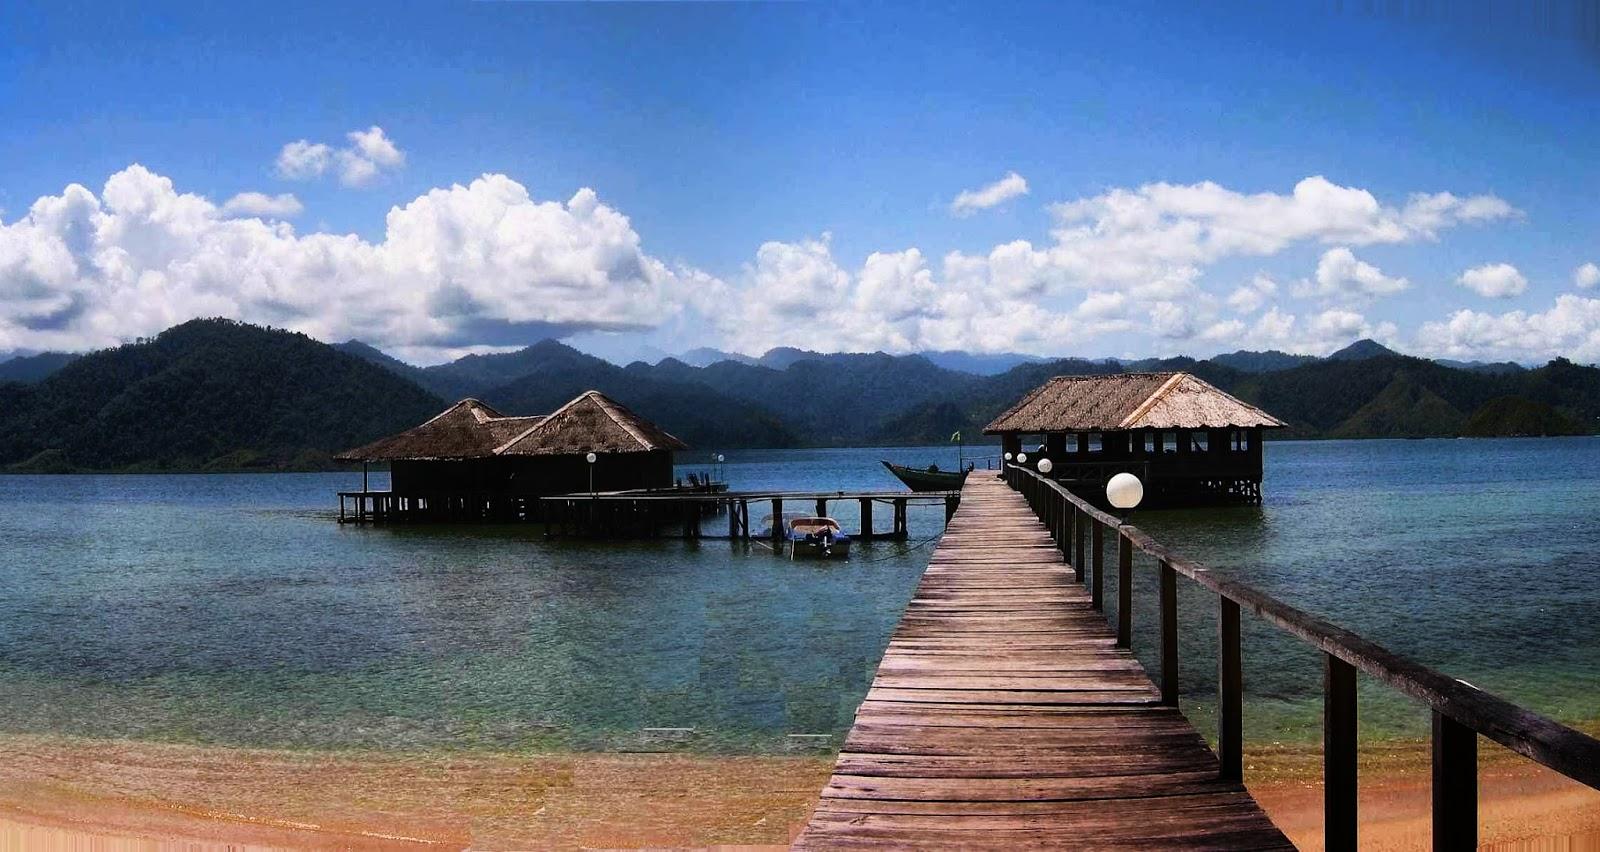 Pantai Cubadak Sumatera